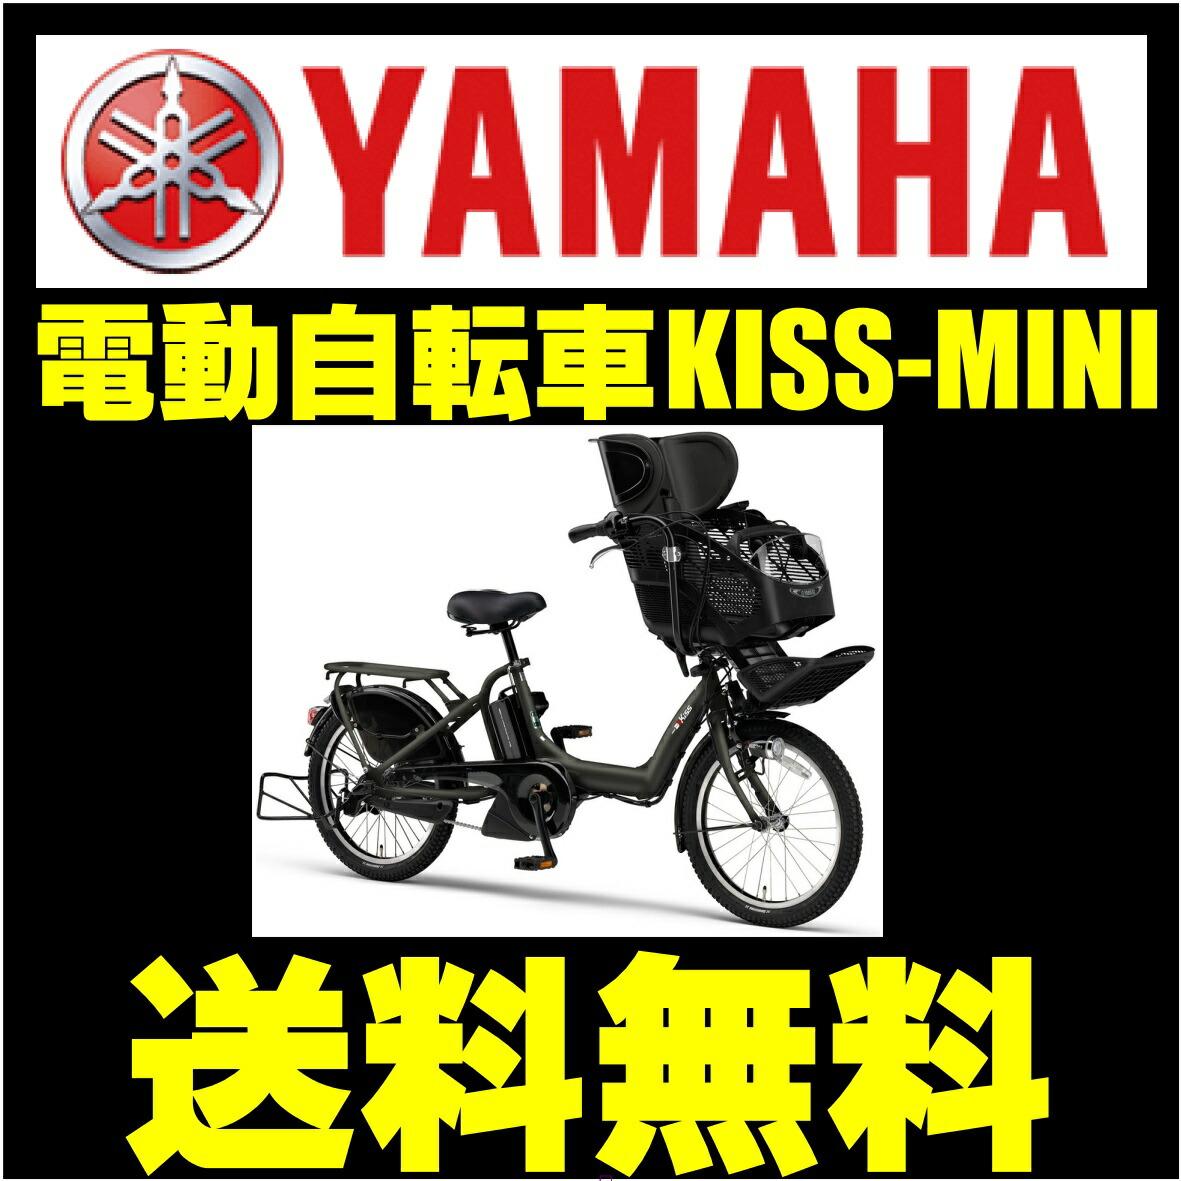 電動アシスト自転車 ヤマハ PAS Kiss mini 20型 電動自転車 マットグラファイト ブラック 黒 内装3段ギア 2016年モデル 20インチ 激安 格安